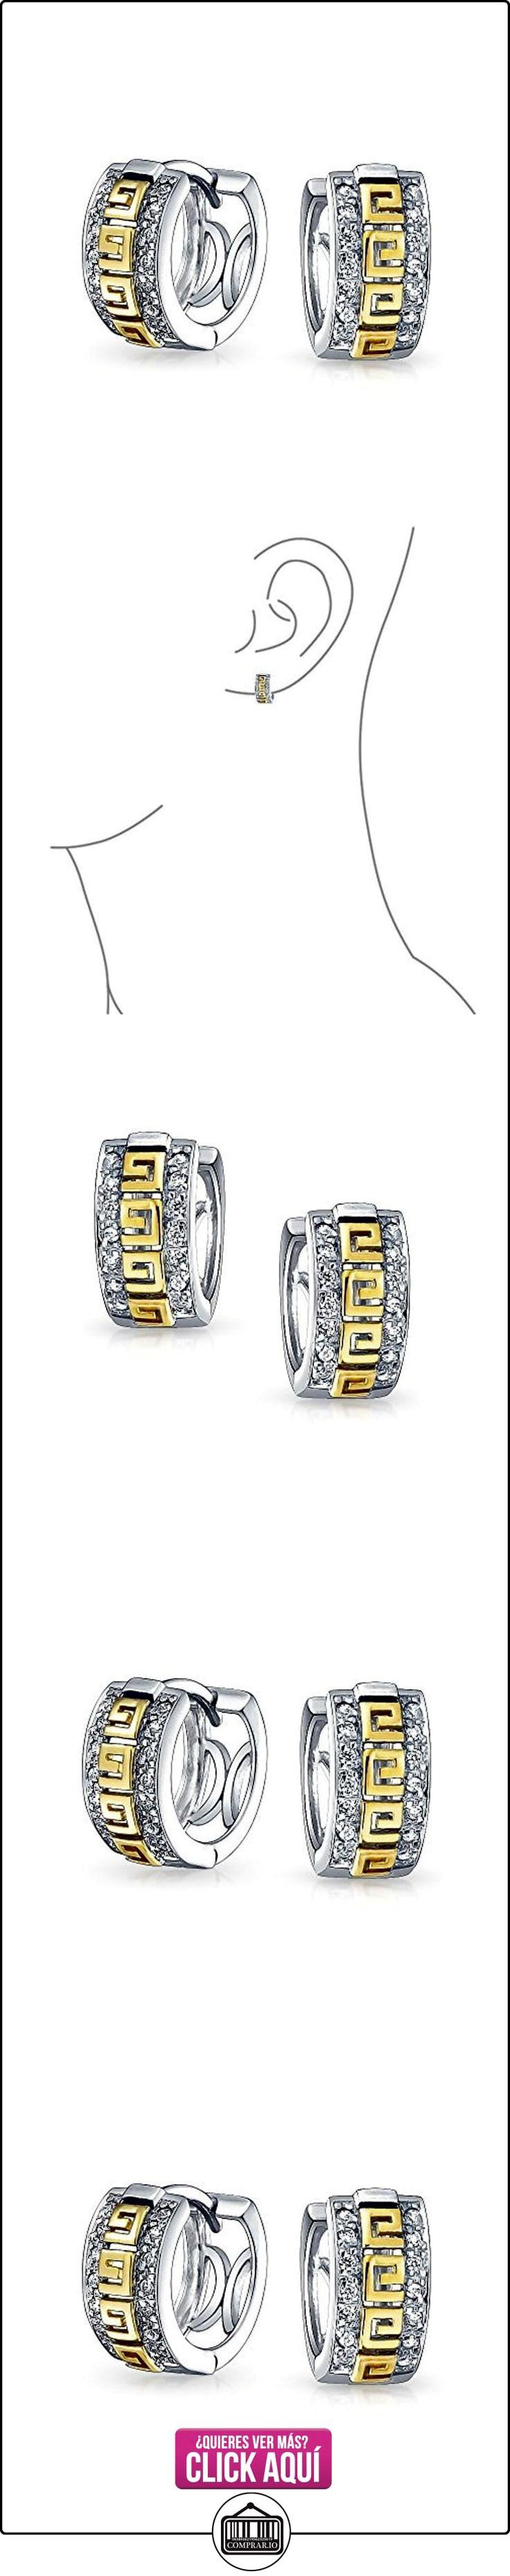 Bling Jewelry Oro Vermeil Clave Griega CZ Huggie Hoop pendiente Plata Esterlina 925  ✿ Joyas para mujer - Las mejores ofertas ✿ ▬► Ver oferta: https://comprar.io/goto/B00JJXUIVA